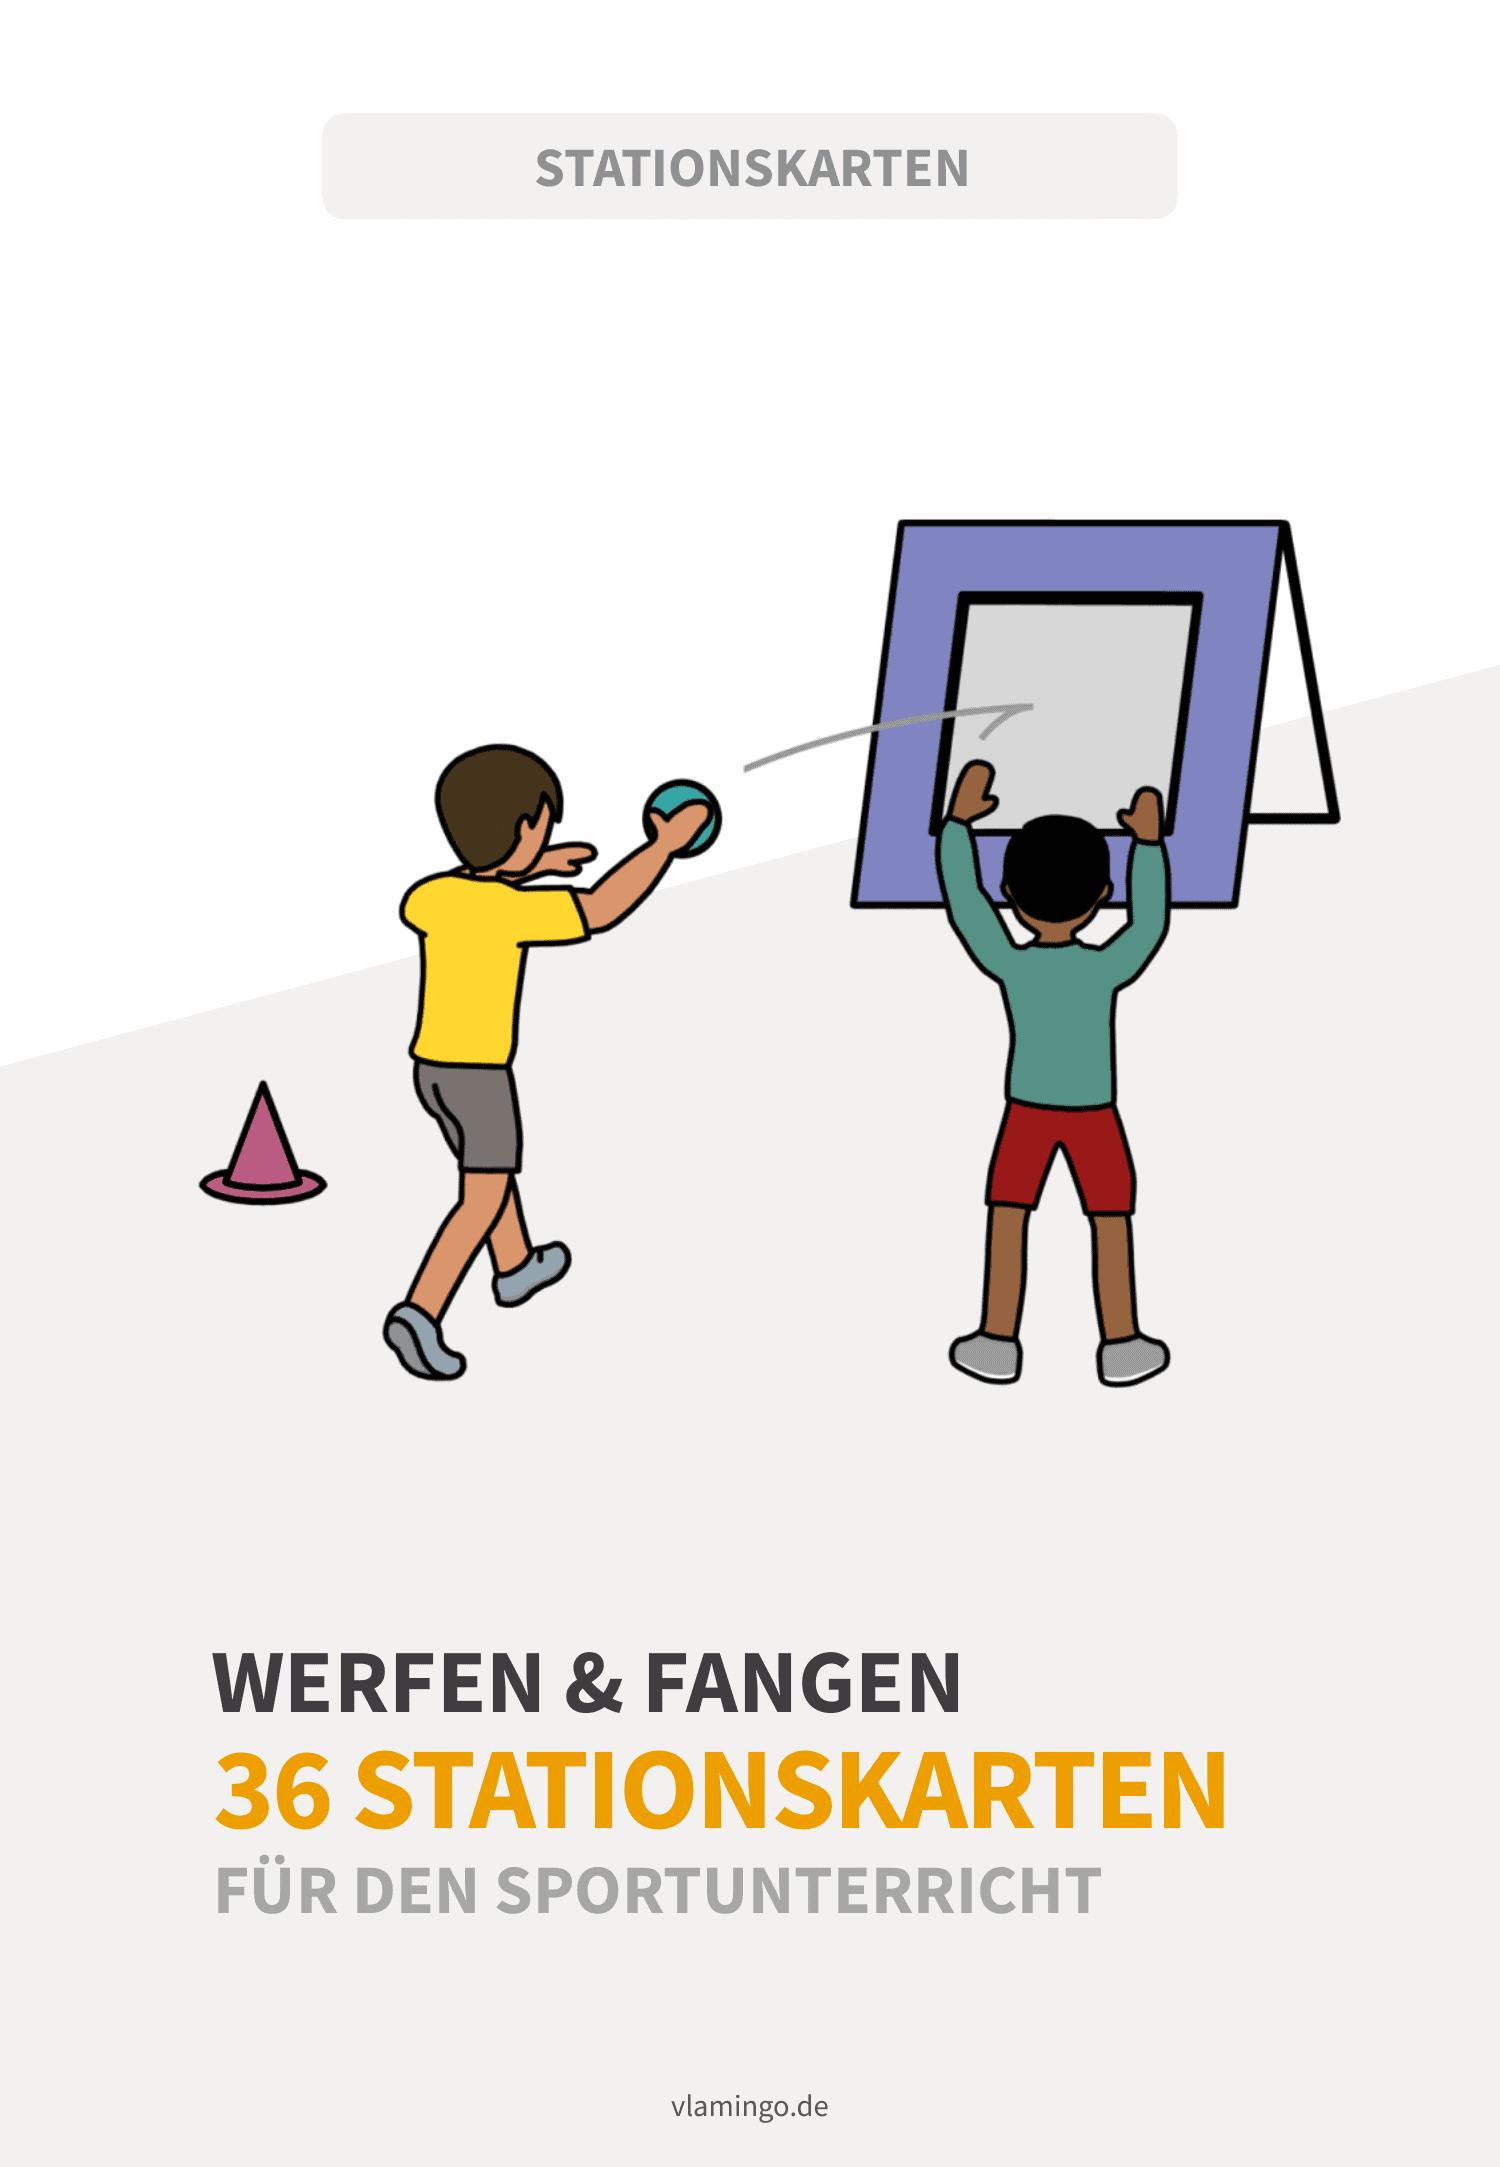 Werfen & Fangen - 36 Stationskarten für den Sportunterricht